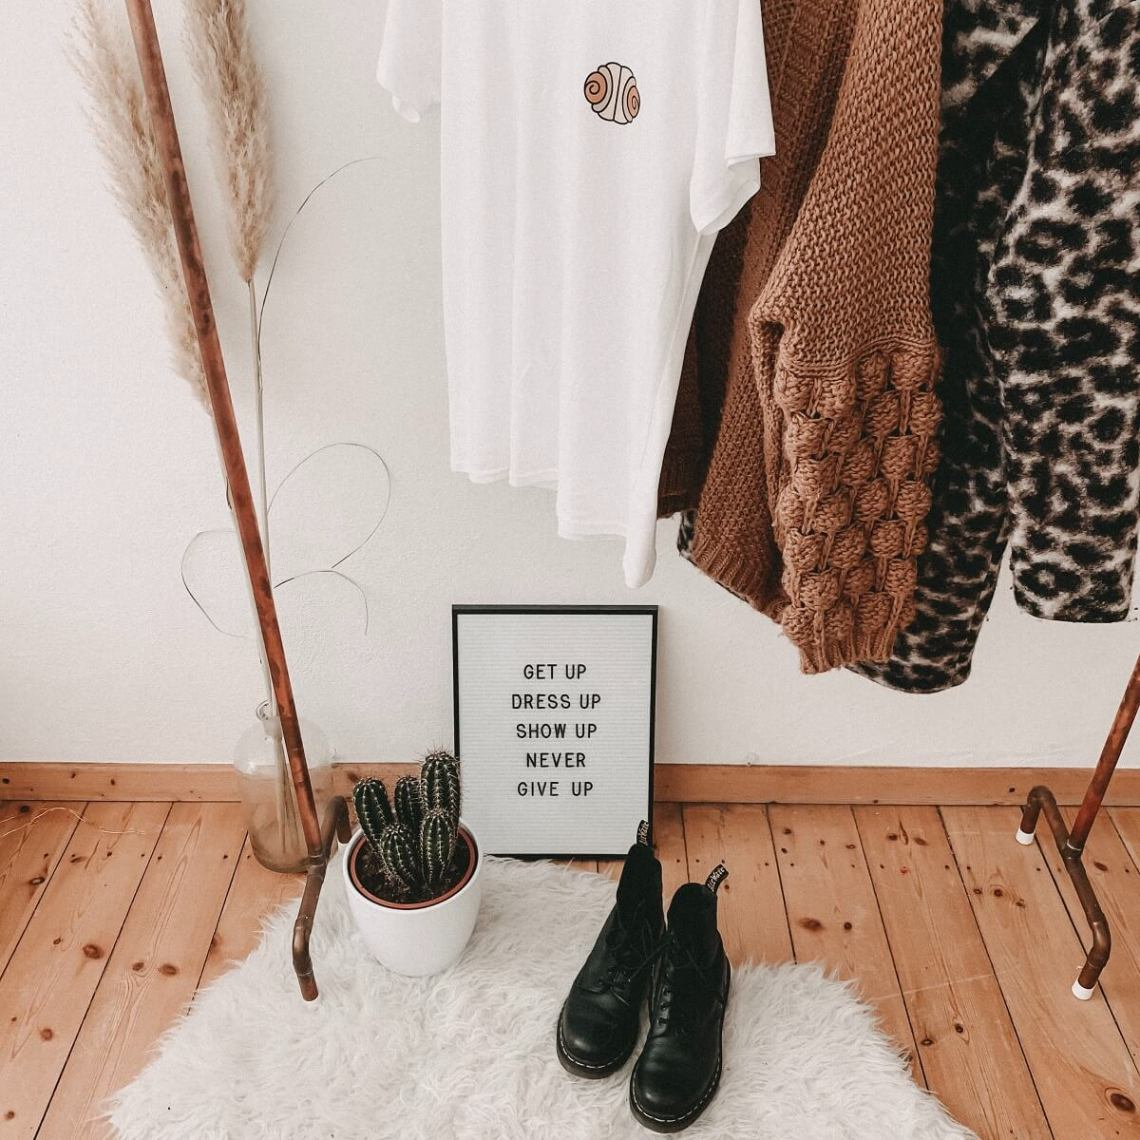 Acheter ou vendre des vêtements d'occasion sur Once Again